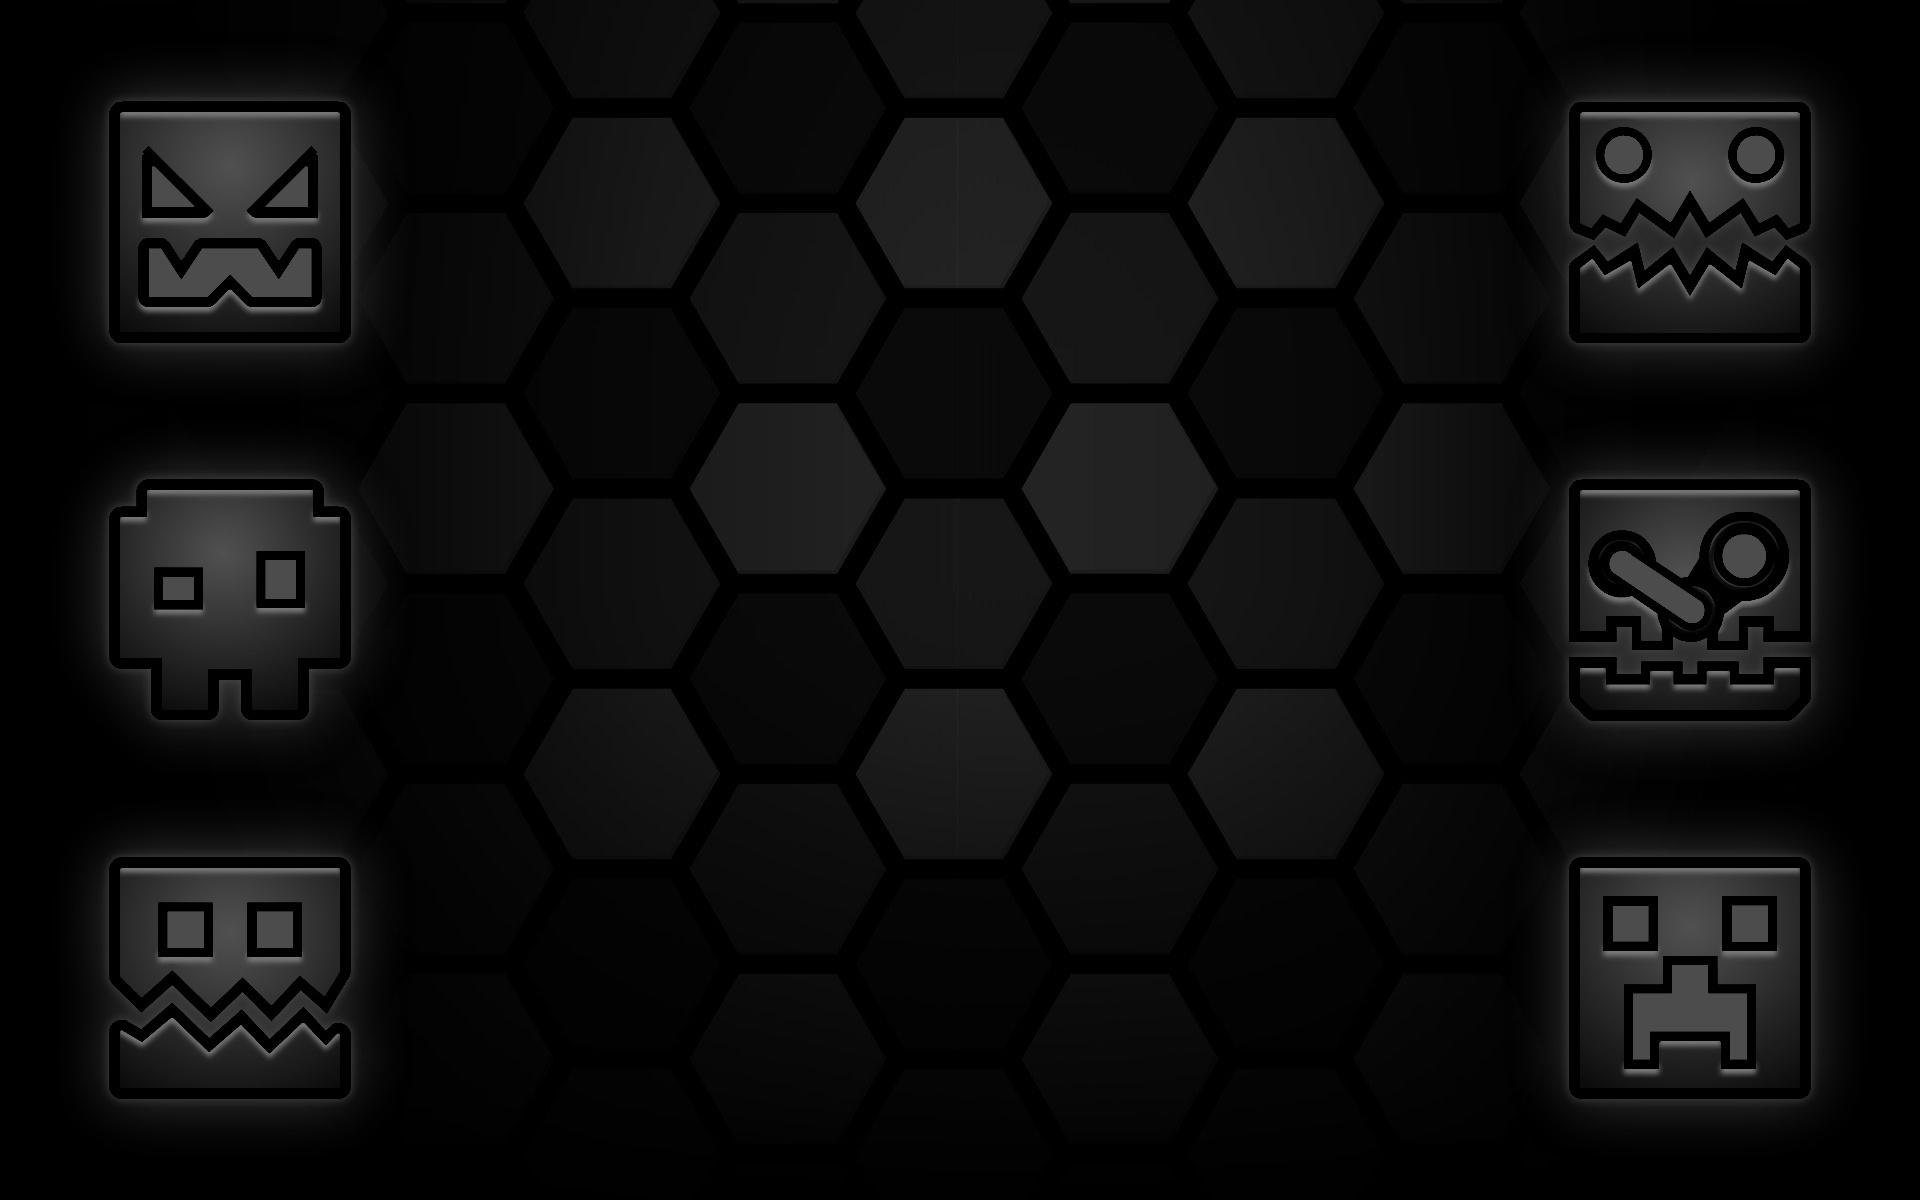 Geometry dash computer wallpapers desktop backgrounds 1920x1200